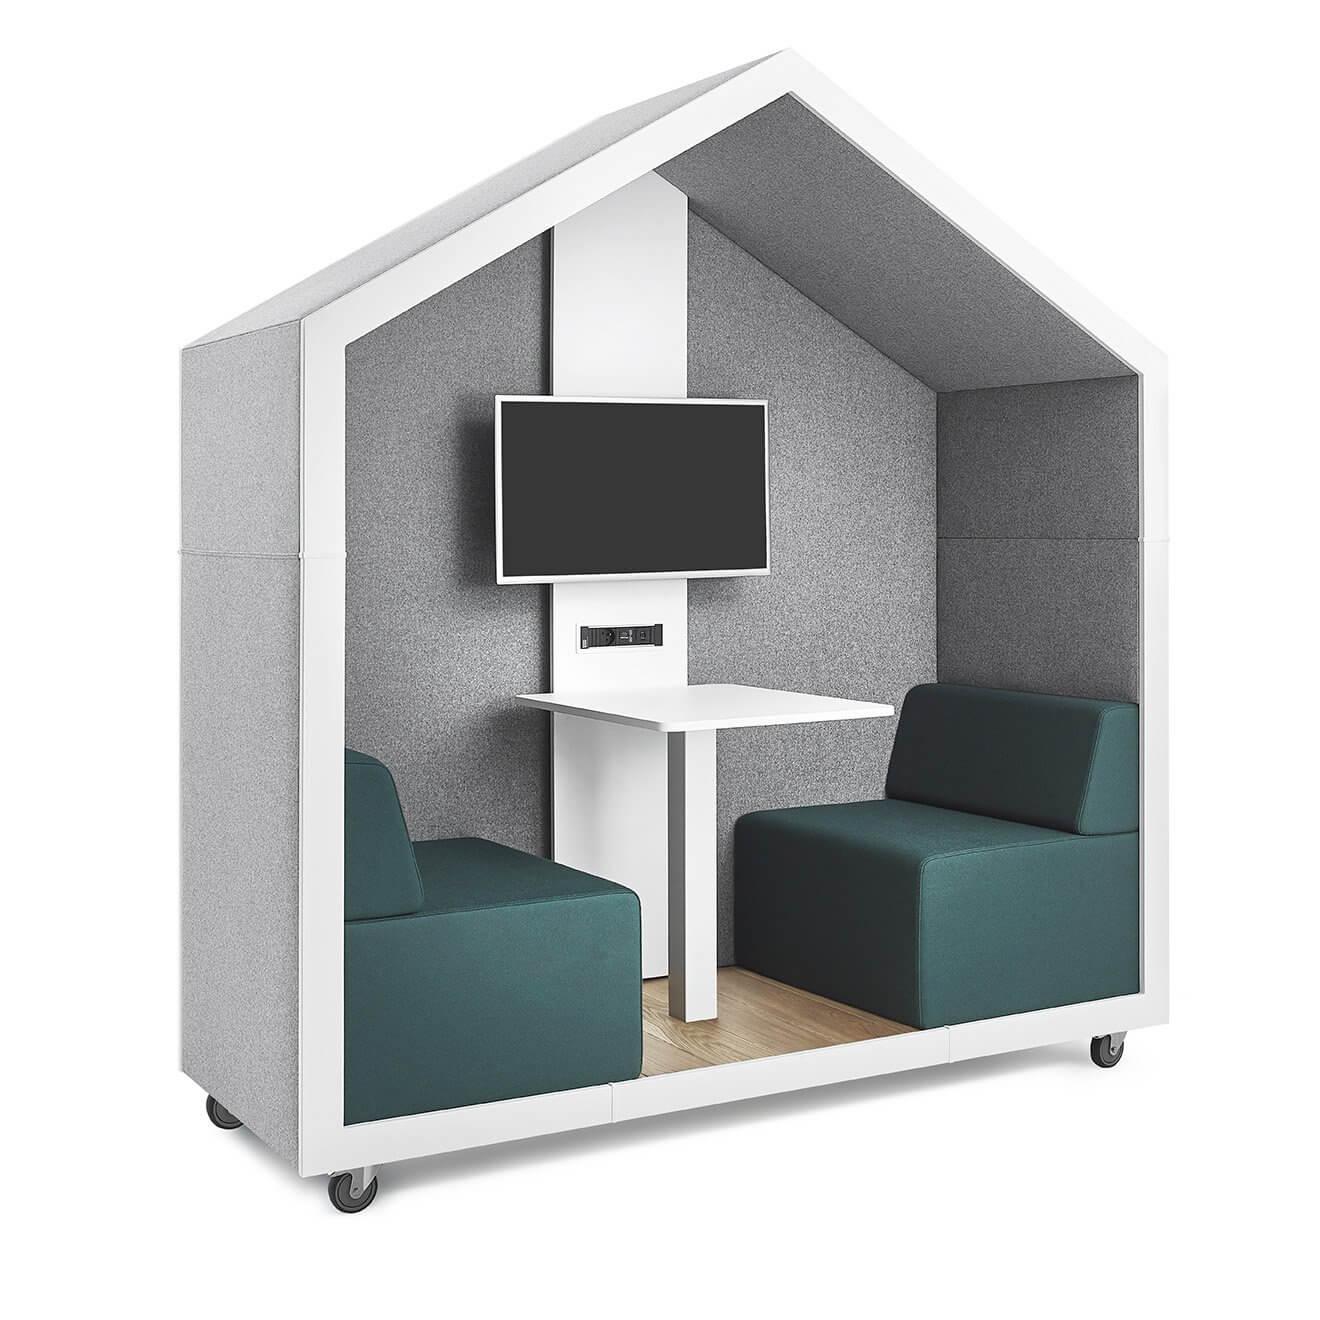 Box de coworking modulable pour deux personnes CAHUTE.